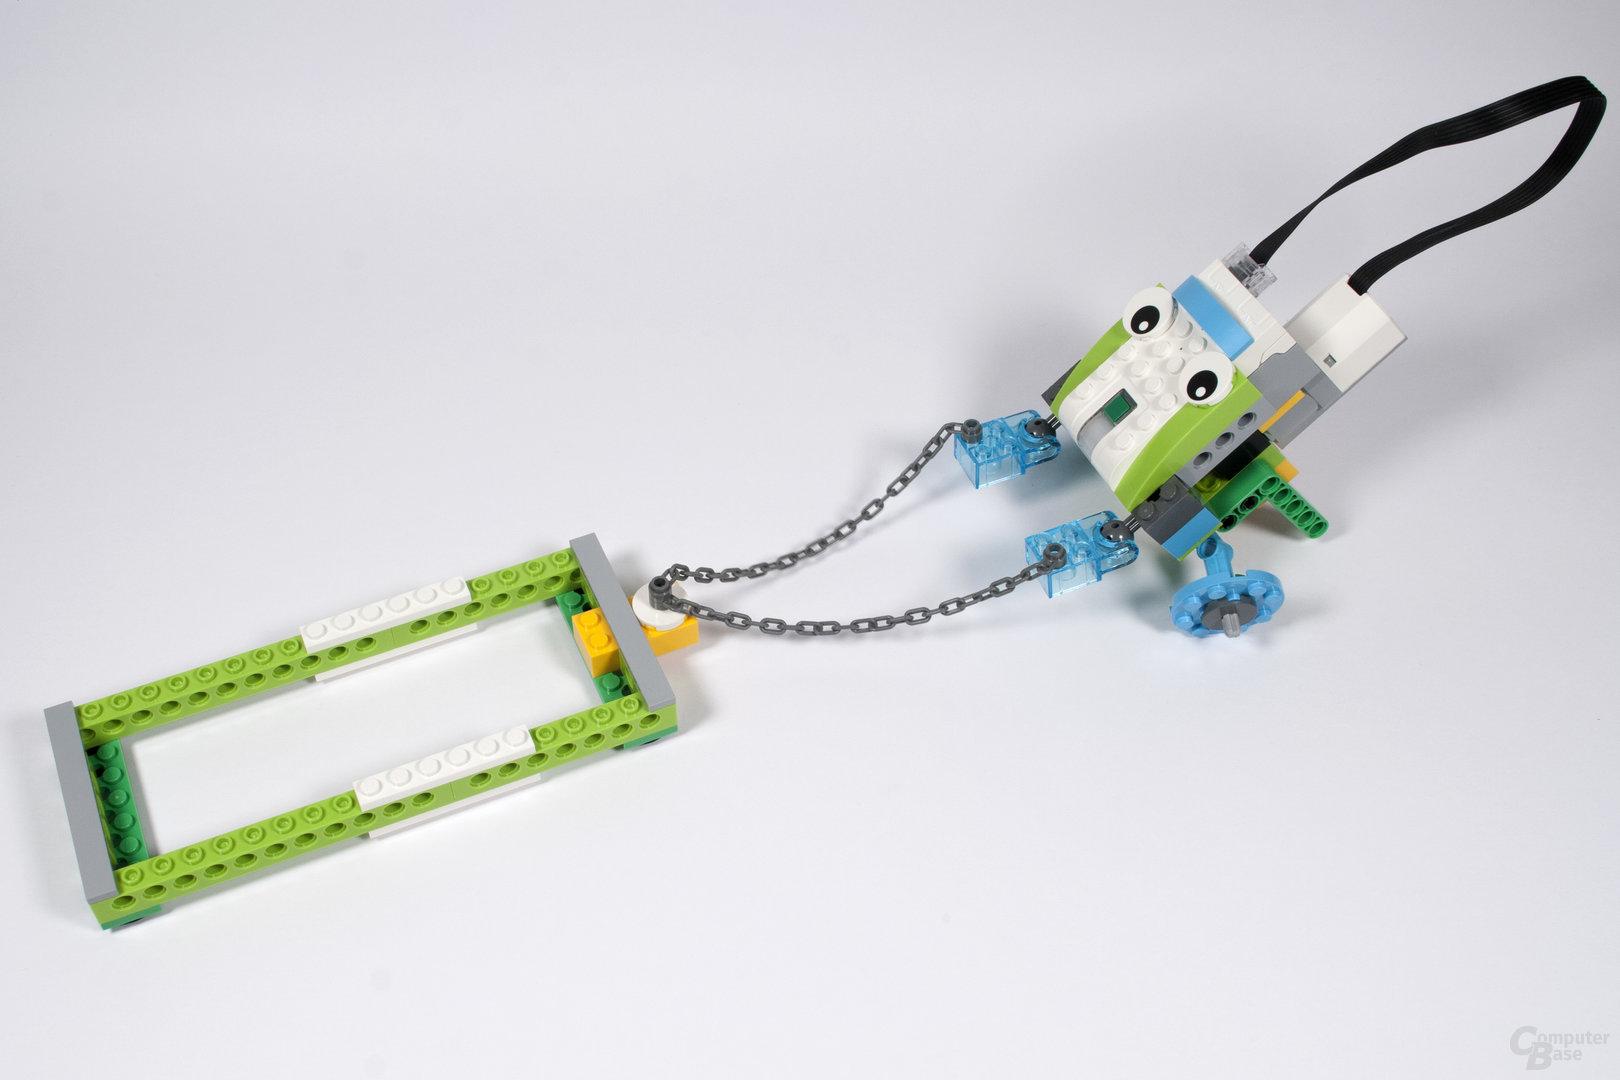 Lego WeDo 2.0 – Zugkraft